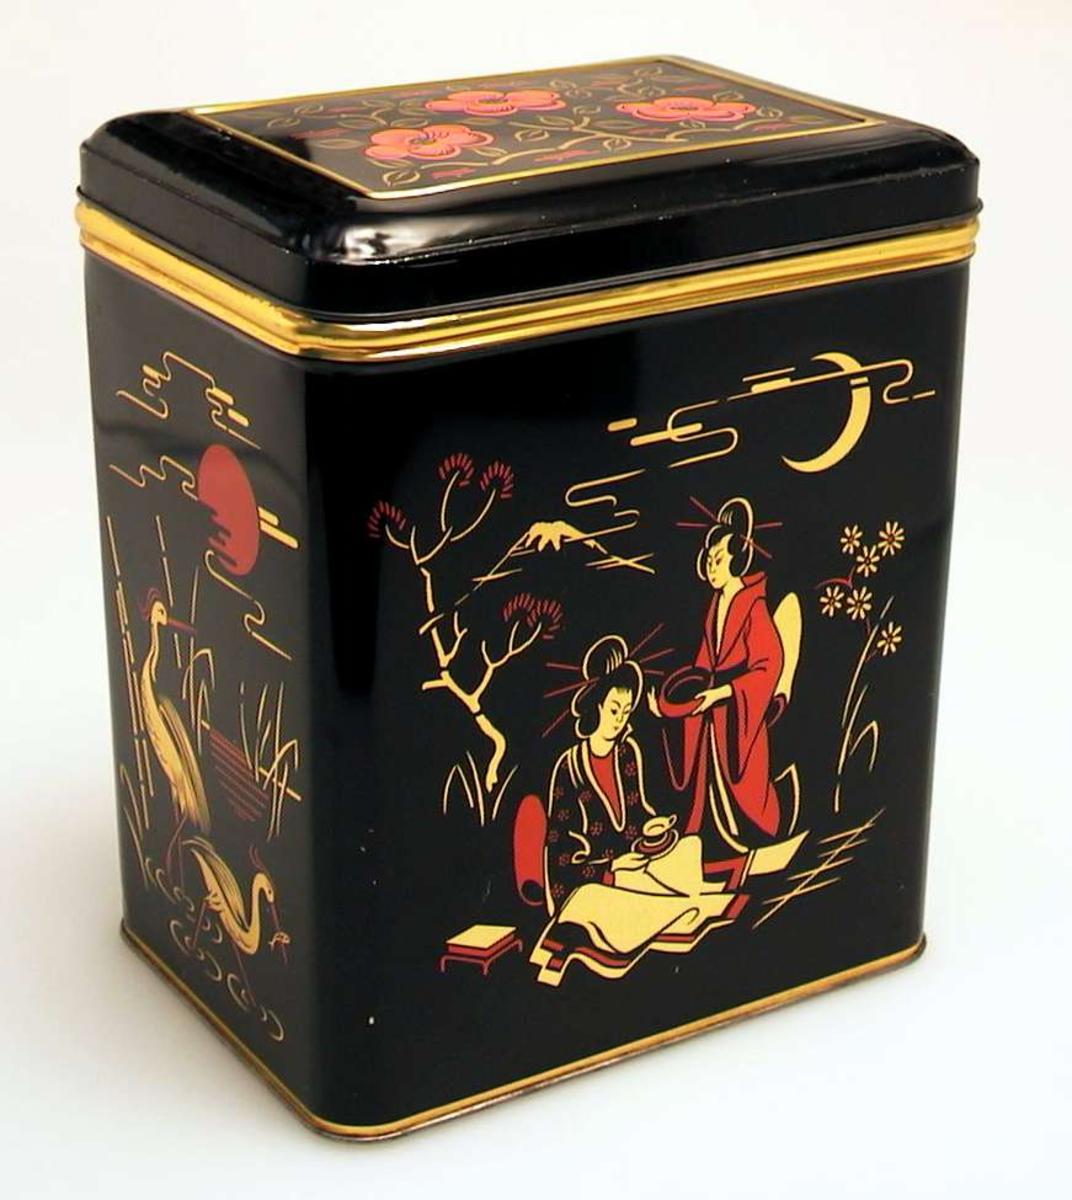 Svart firkantet boks i blikk med motiv inspirert av Japan.